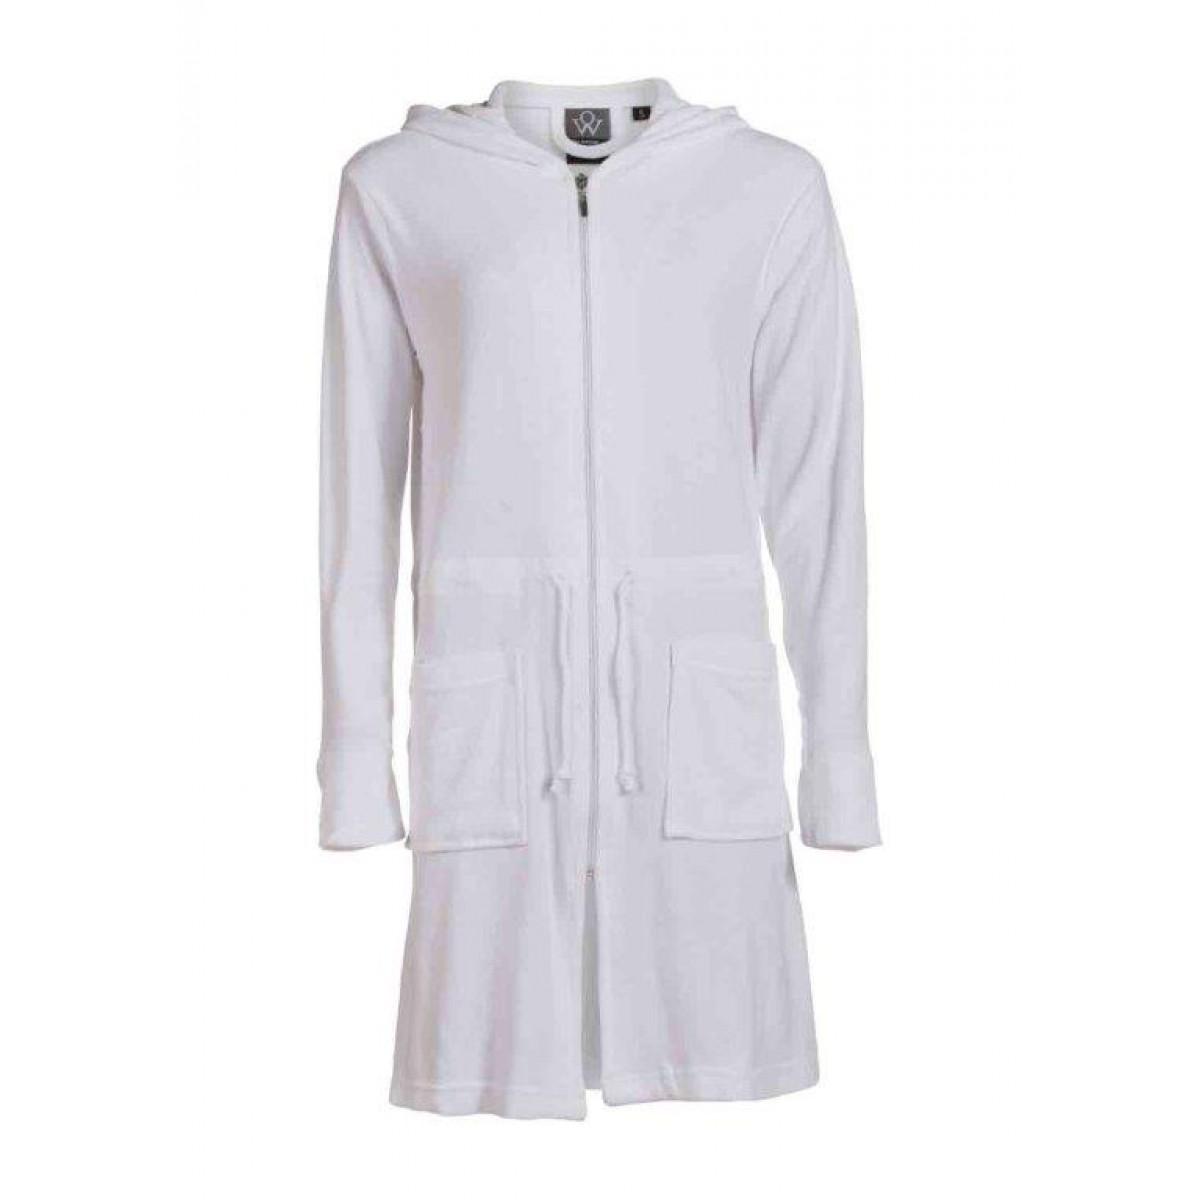 Witte damesbadjassen met rits